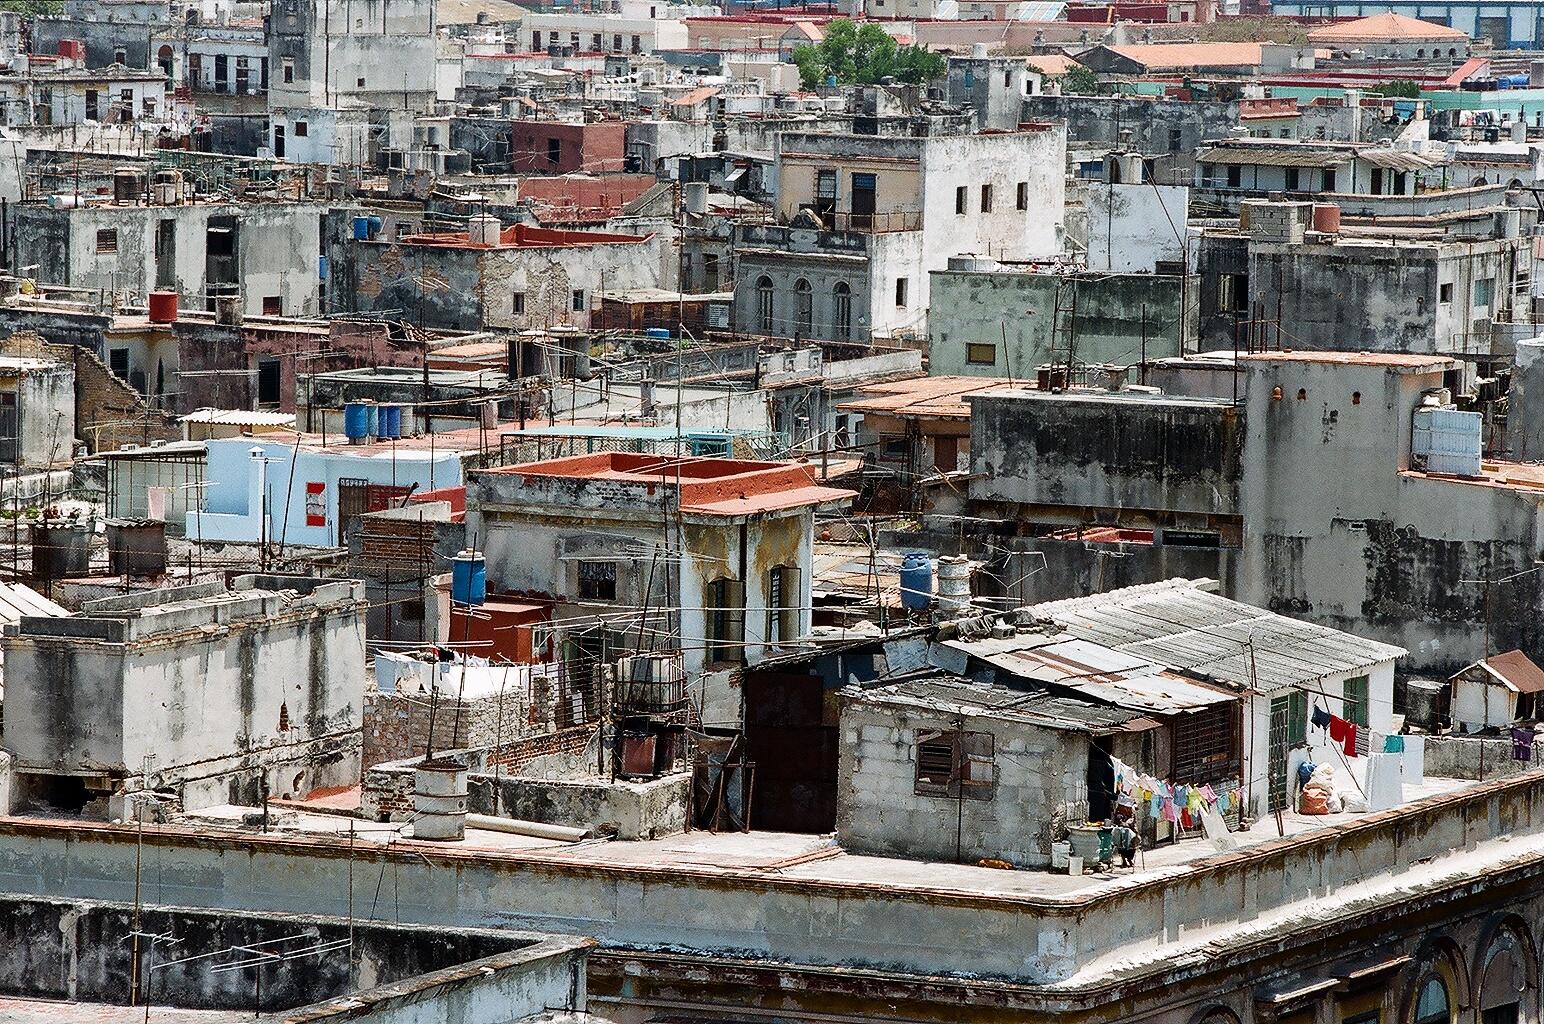 Rooftops of Havana